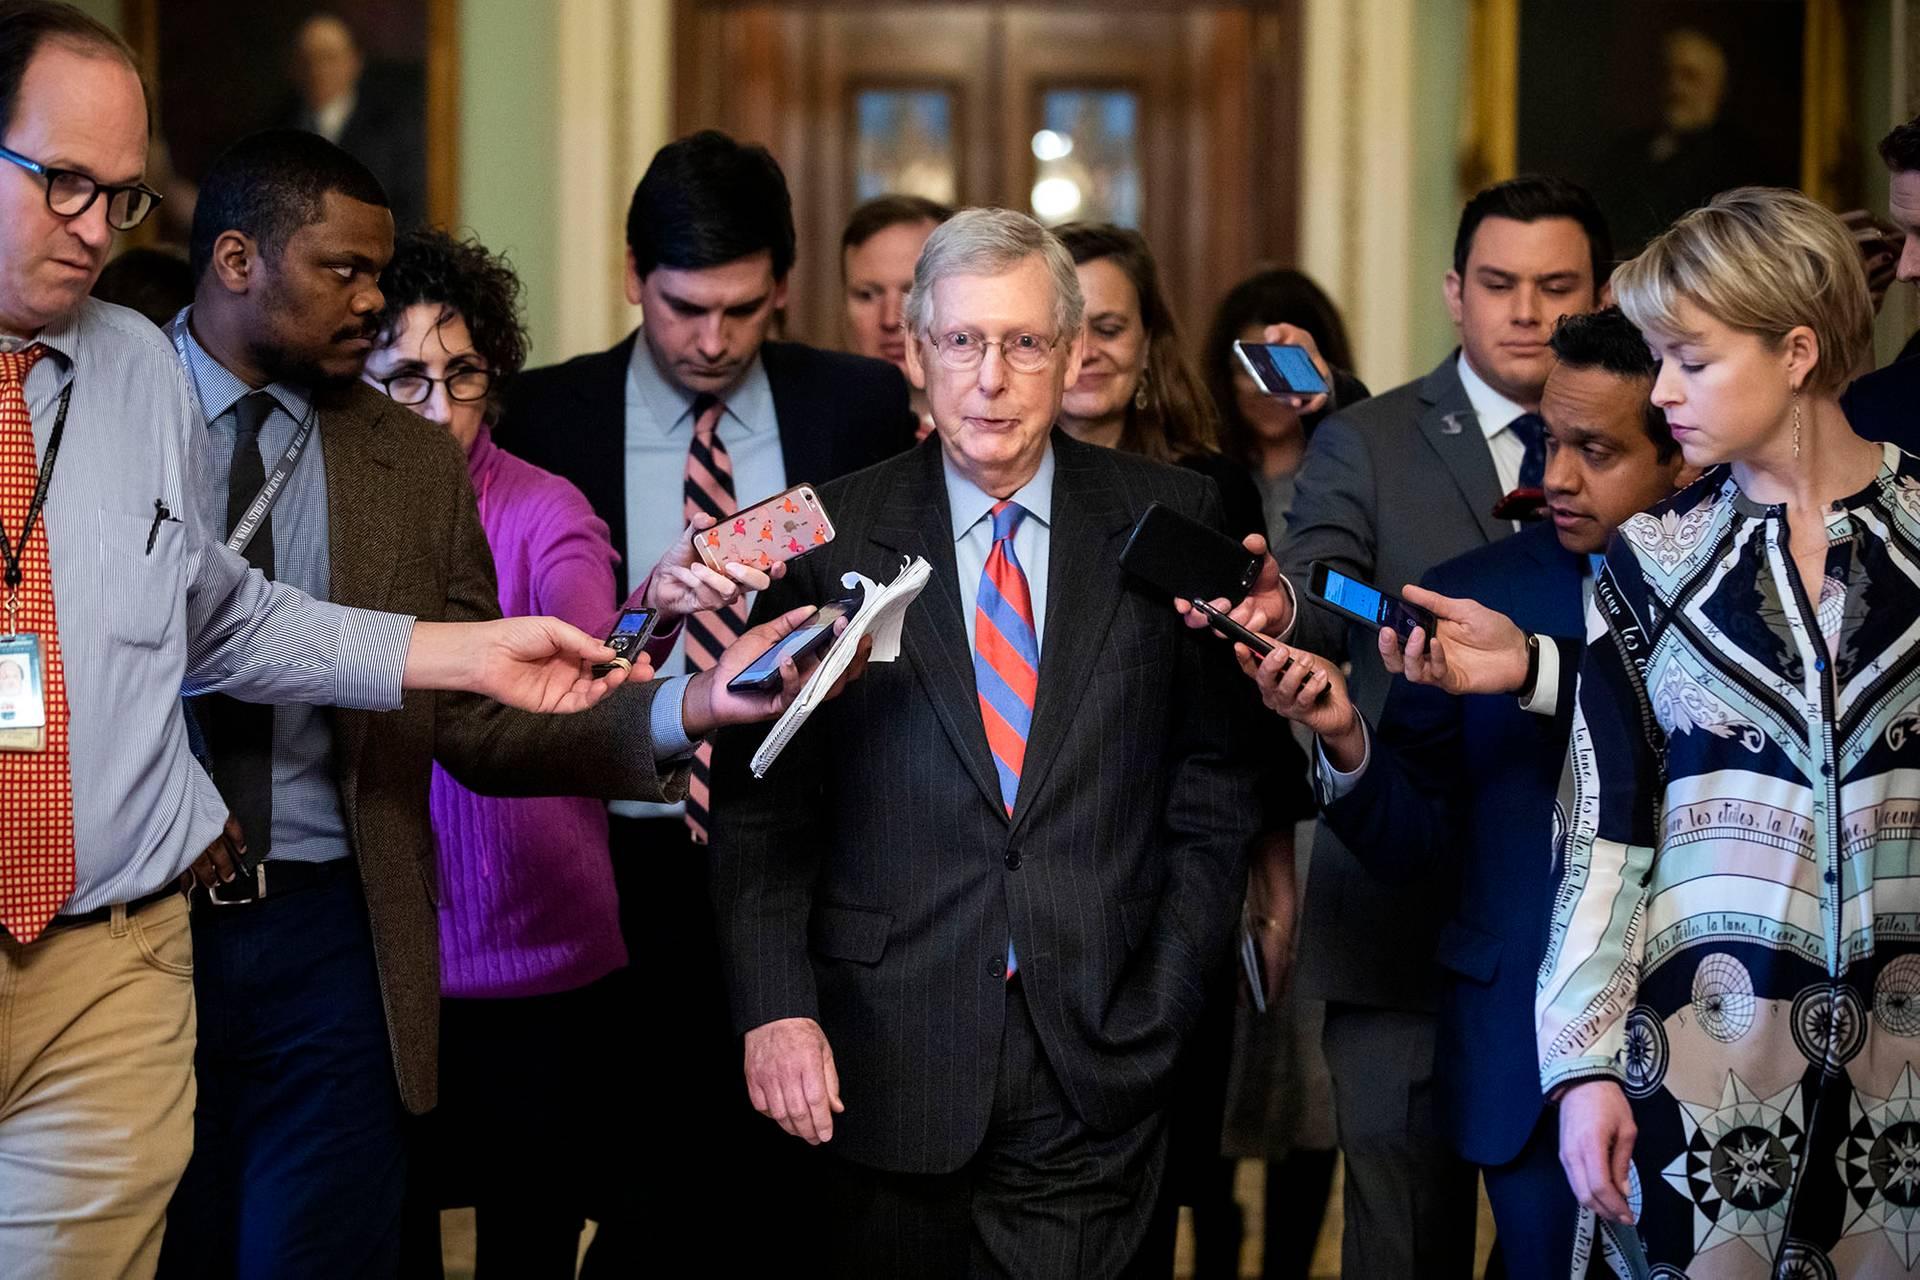 Лідер республіканців у Сенаті Мітч Макконнелл (в центрі) повідомив напередодні, що Трамп введе в країні надзвичайний стан для фінансування будівництва стіни на кордоні США із Мексикою, Вашингтон, США, 14 лютого 2018 року